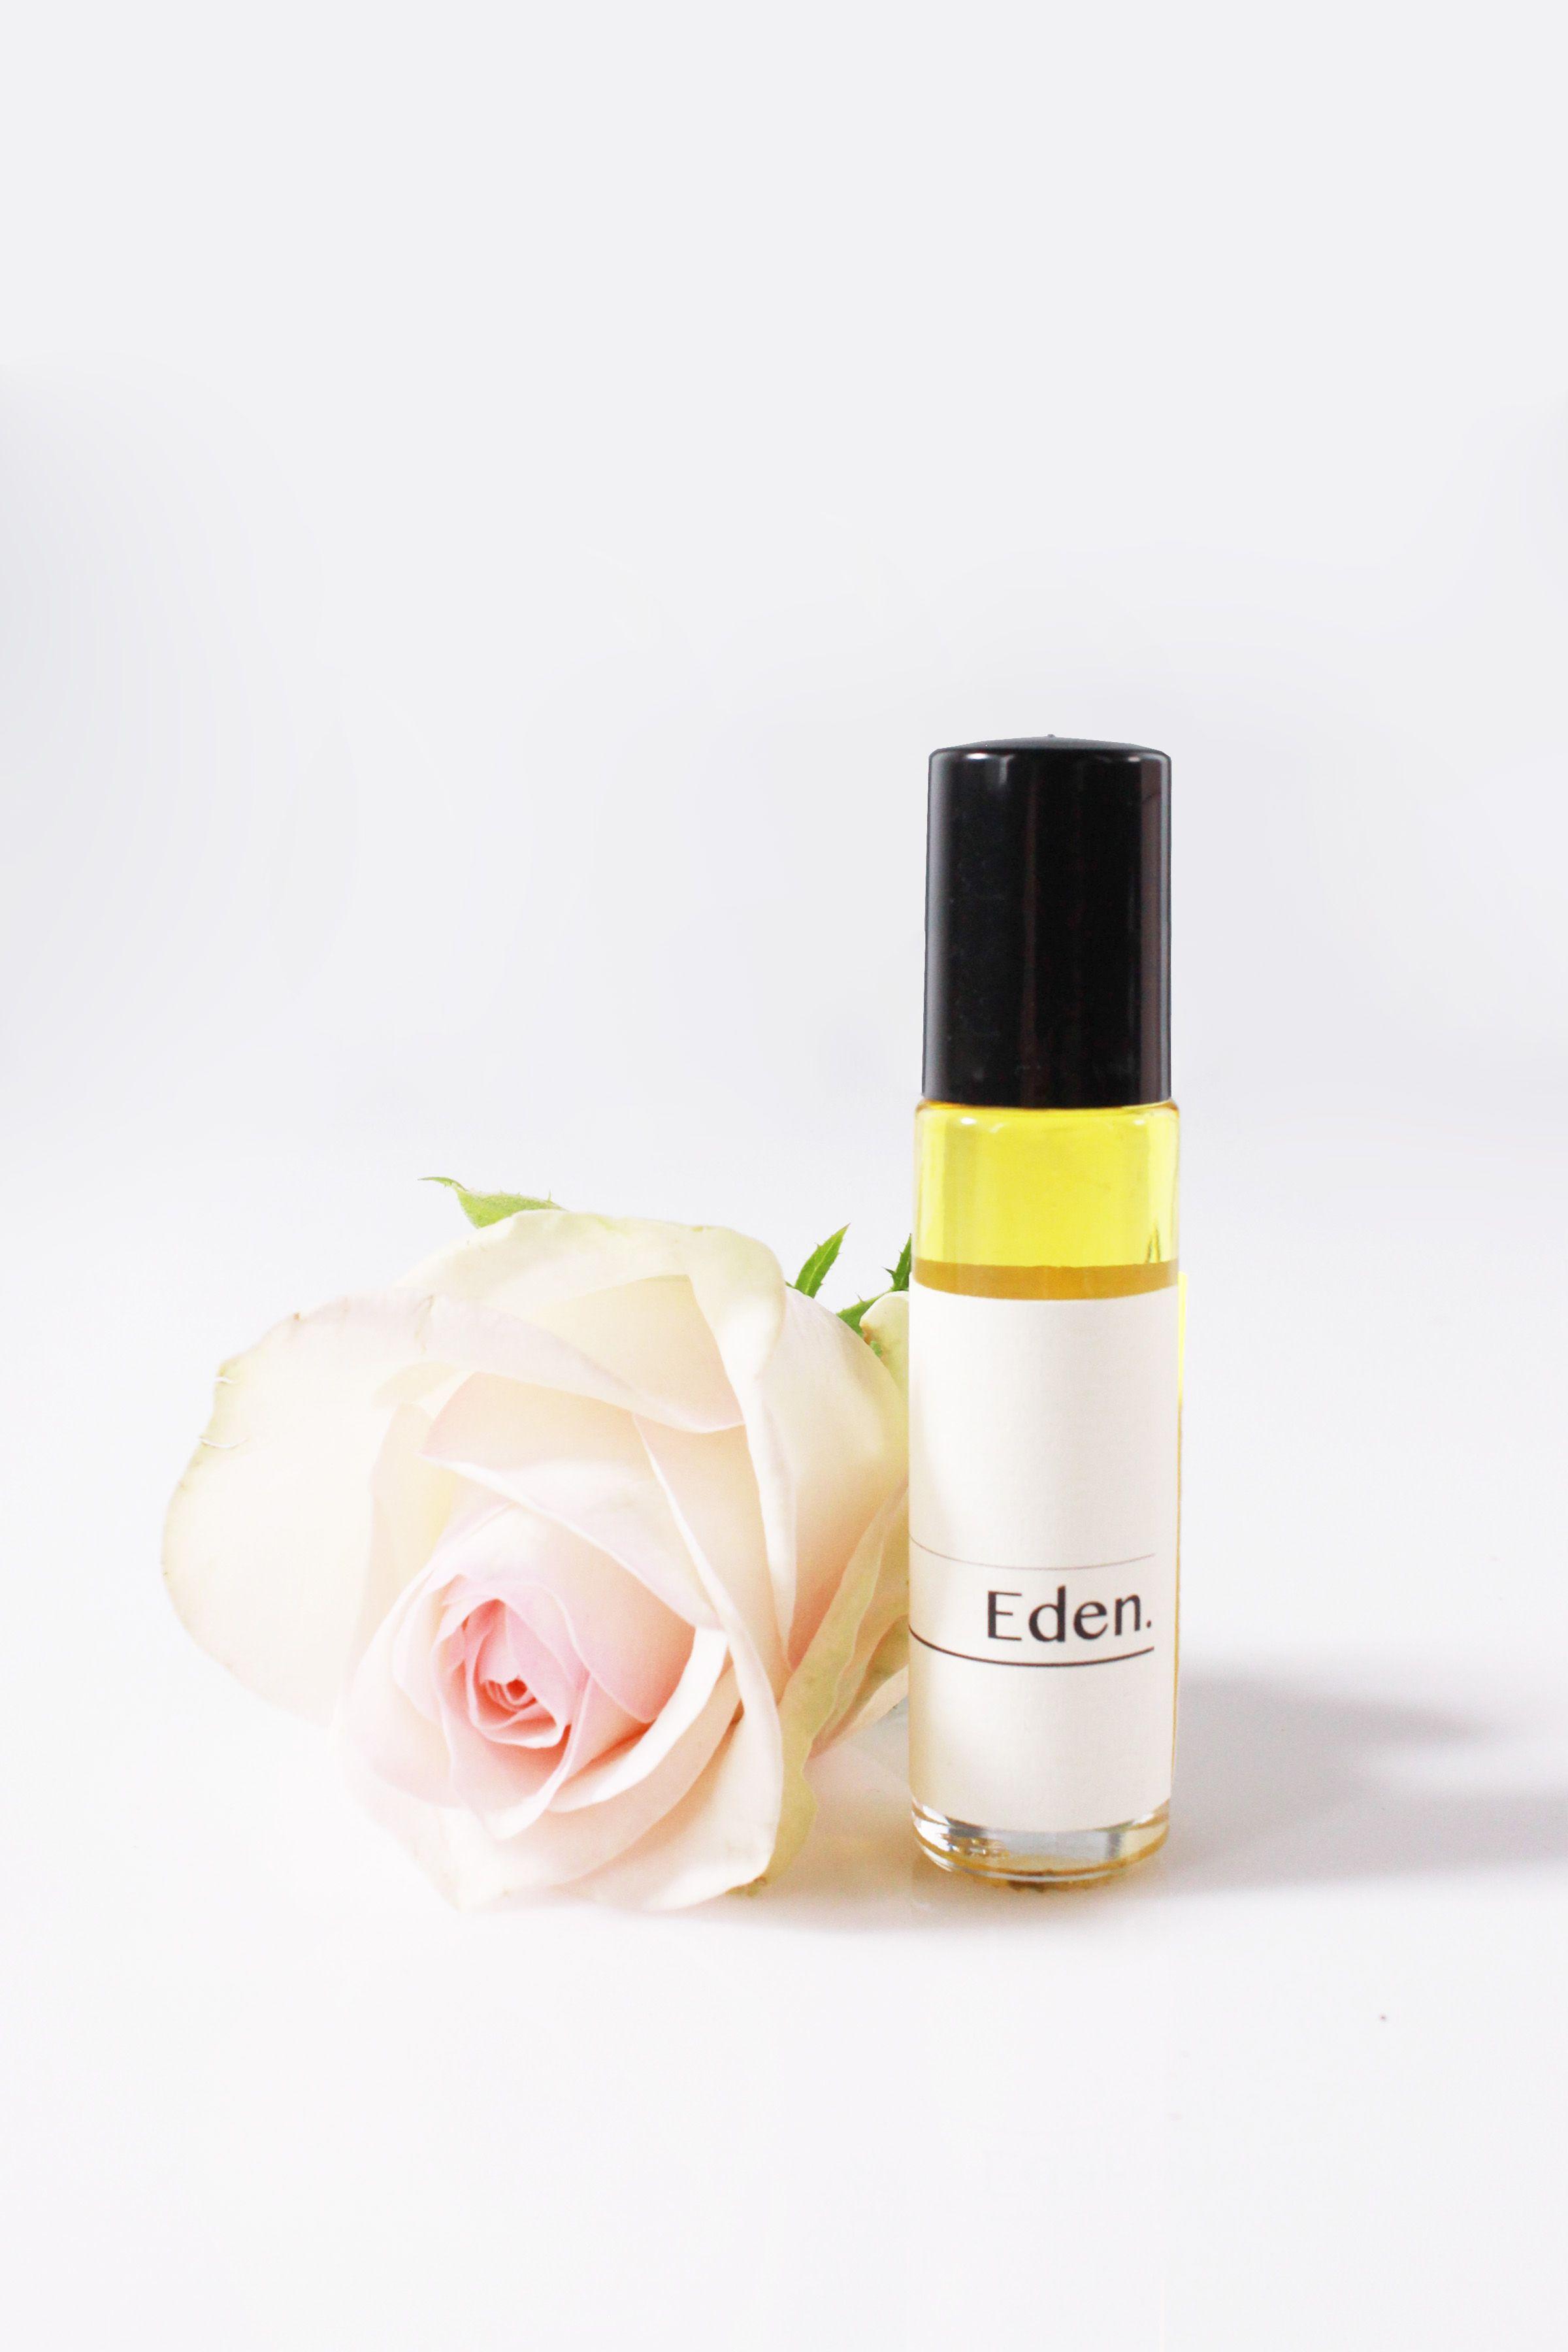 Eden Eau De Parfum Product Junkie Perfume Perfume Bottles Beauty